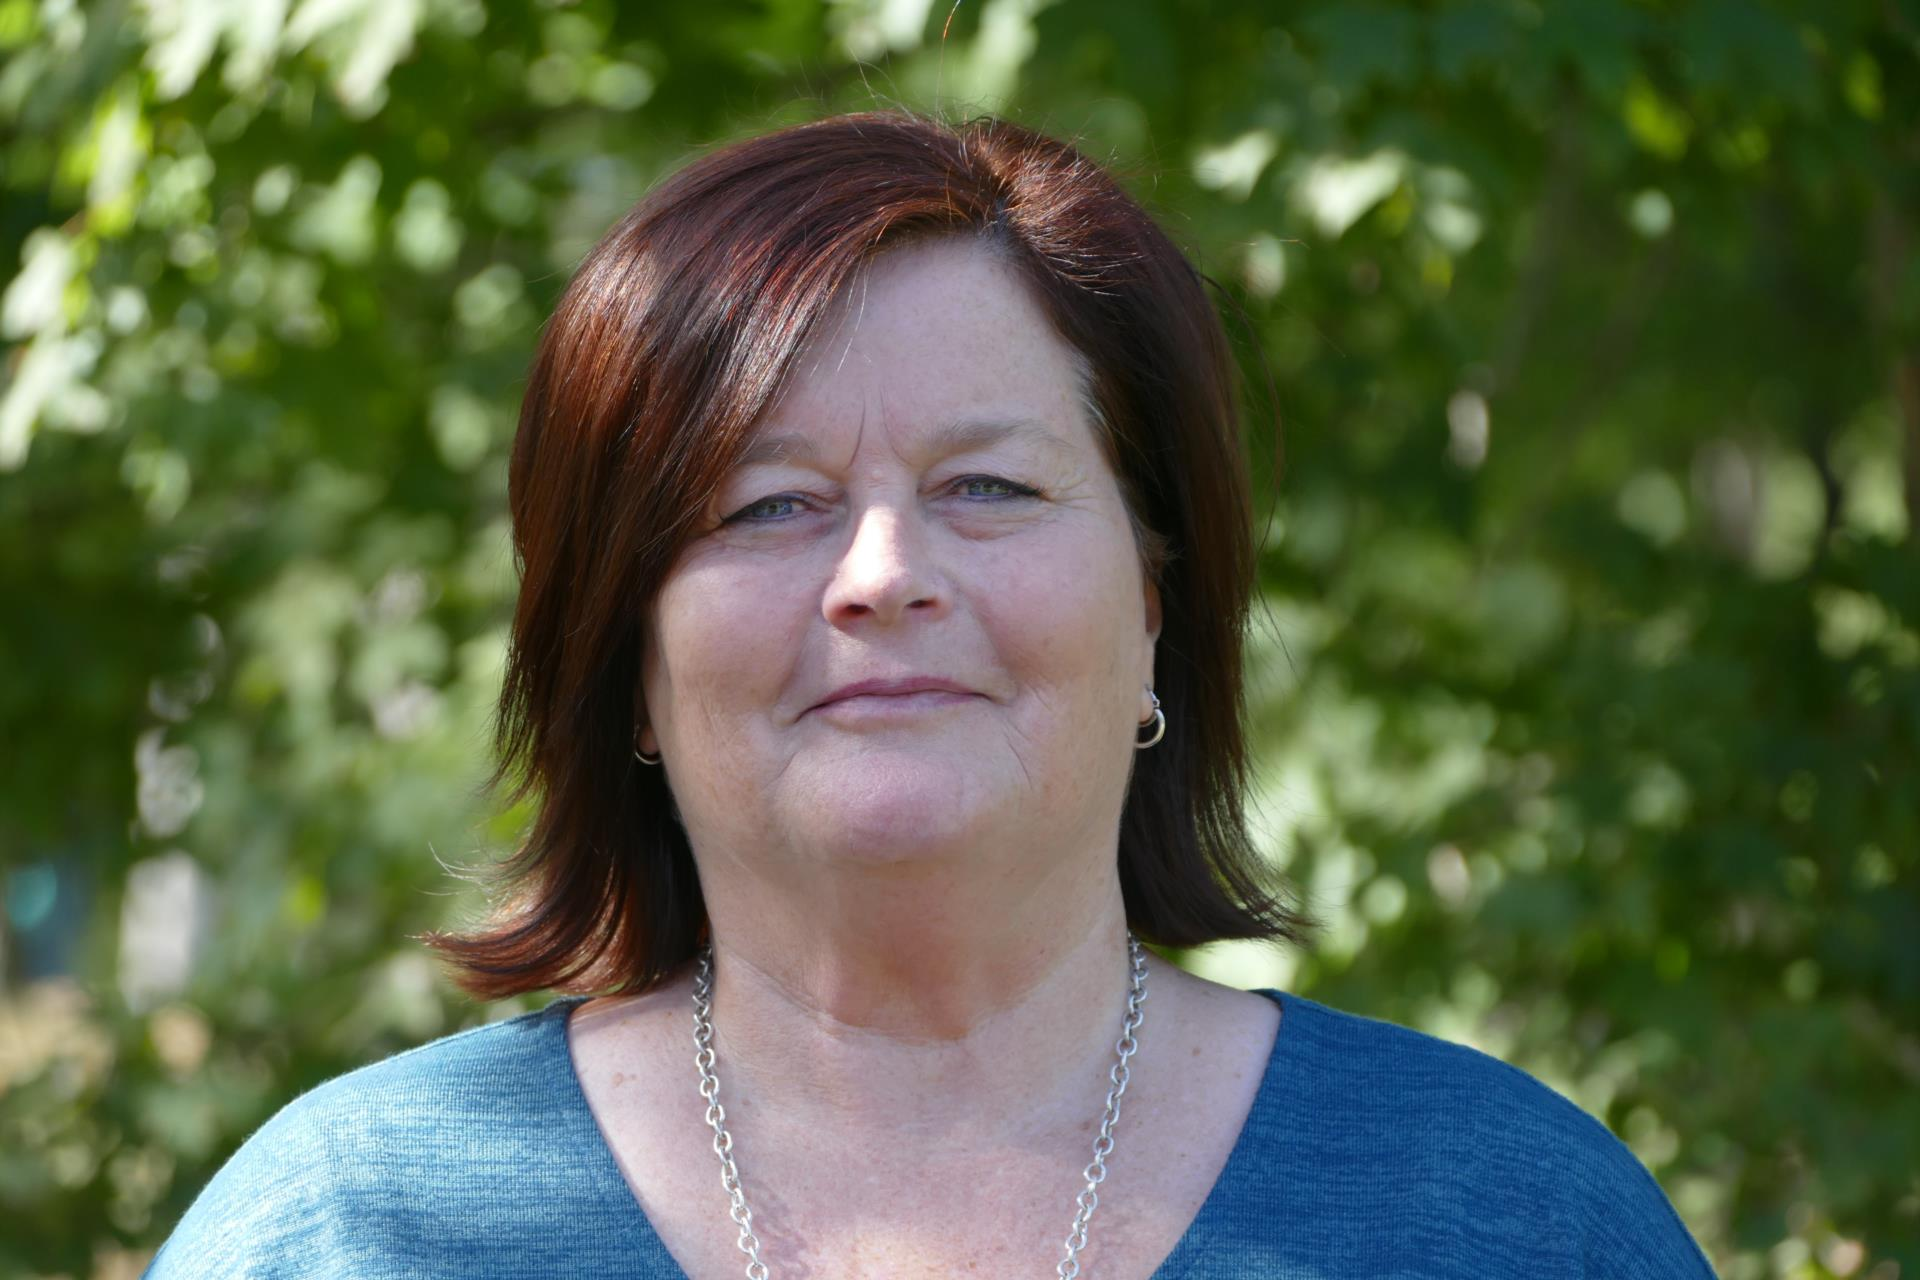 Debbie Reardon